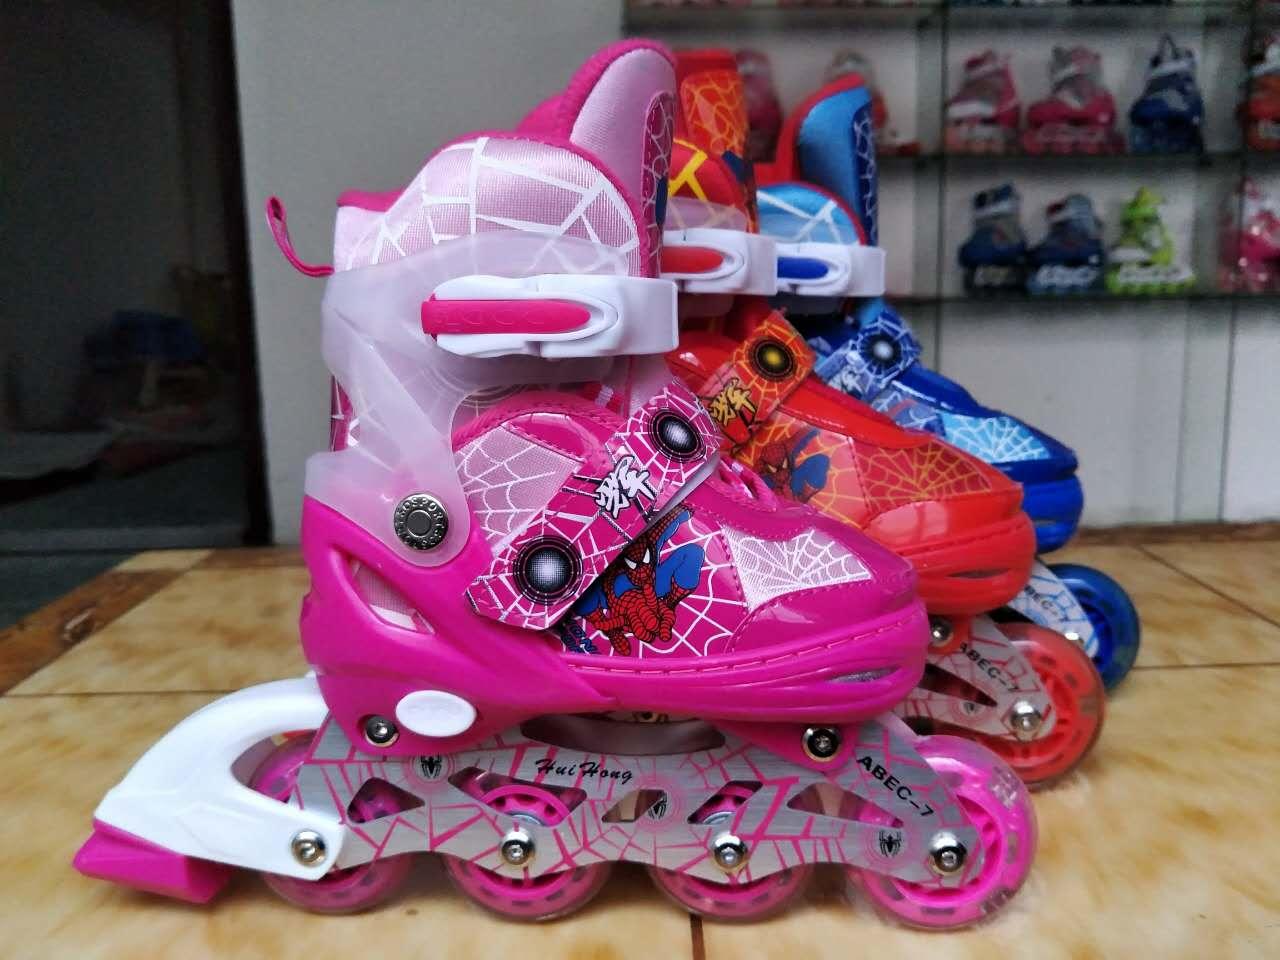 甩卖轮滑鞋、惠州迪士尼儿童溜冰鞋鞋专业供应